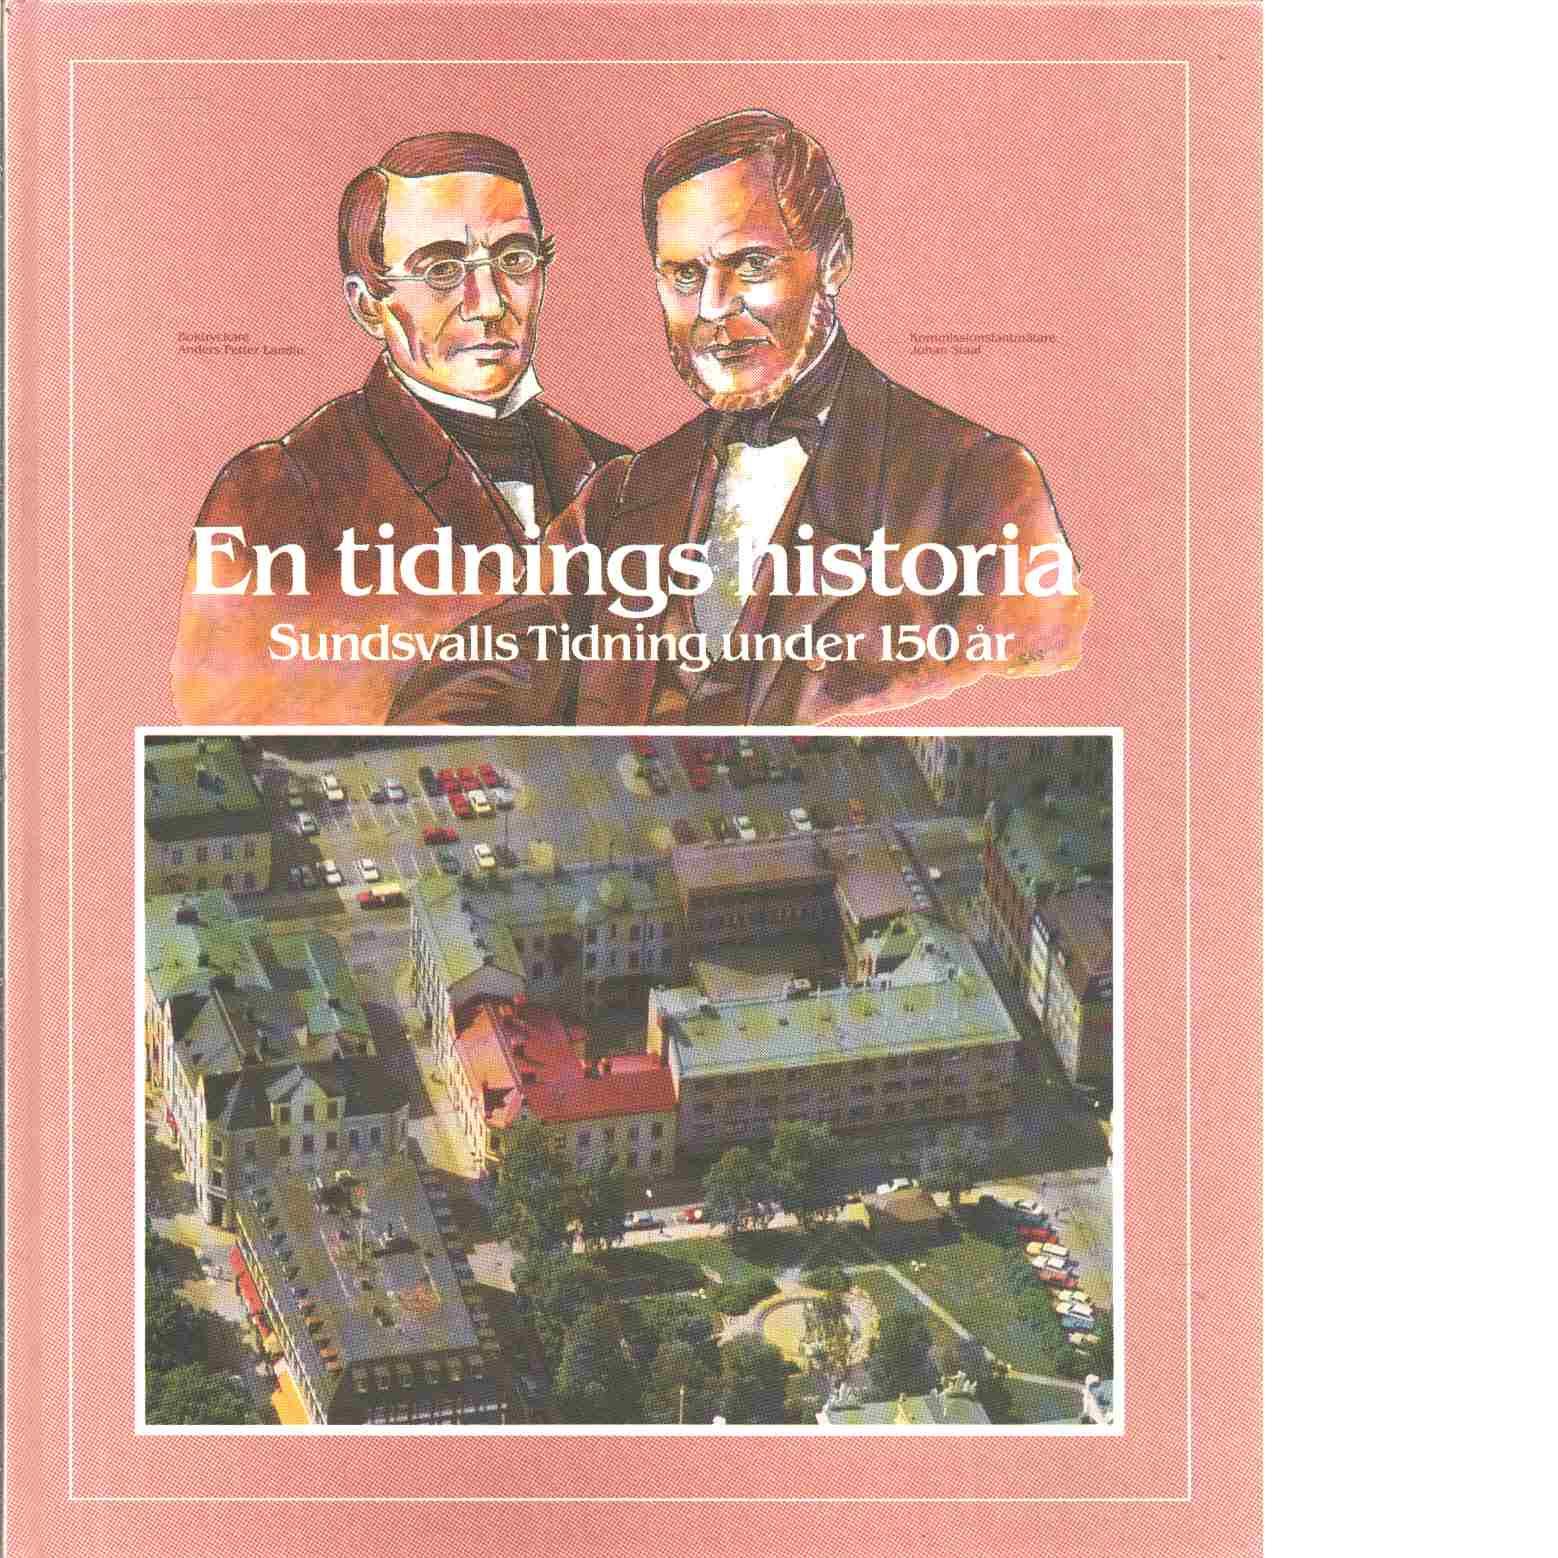 En tidnings historia : Sundsvalls tidning under 150 år - Bladh, Curt